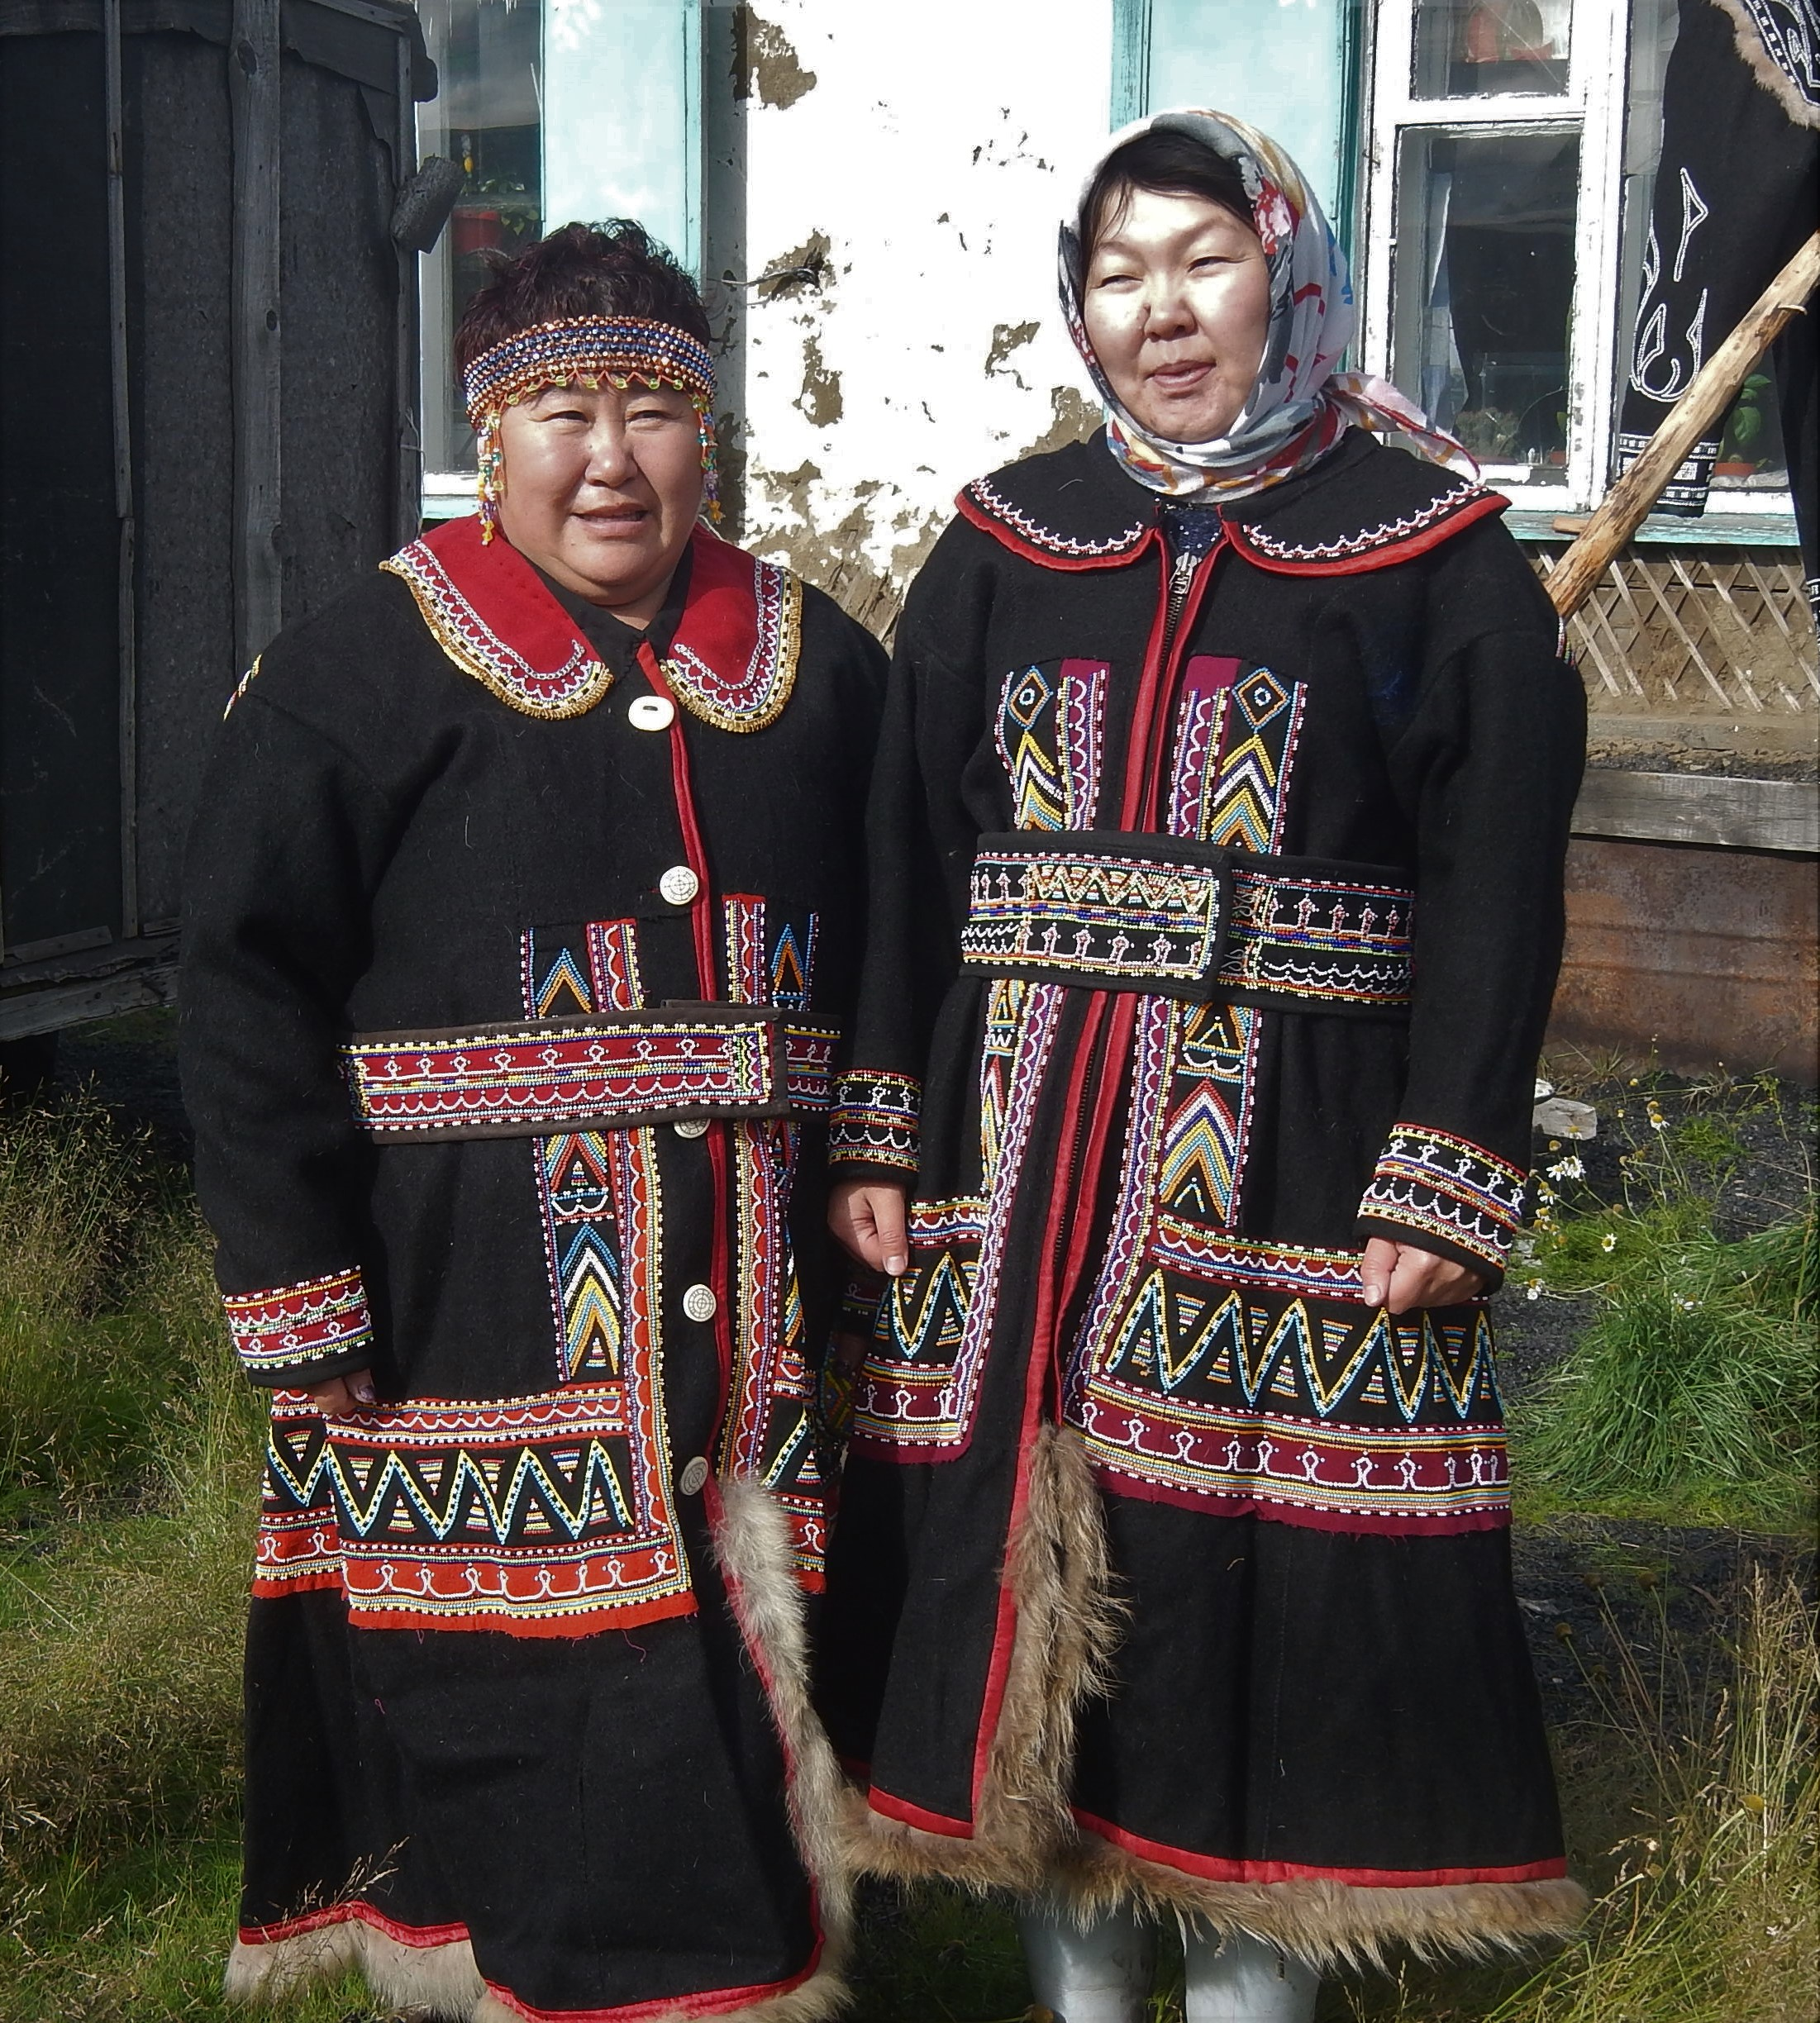 נשות הדולגן בבגדי חג (צילום: גליה גוטמן) (צילום: גליה גוטמן)